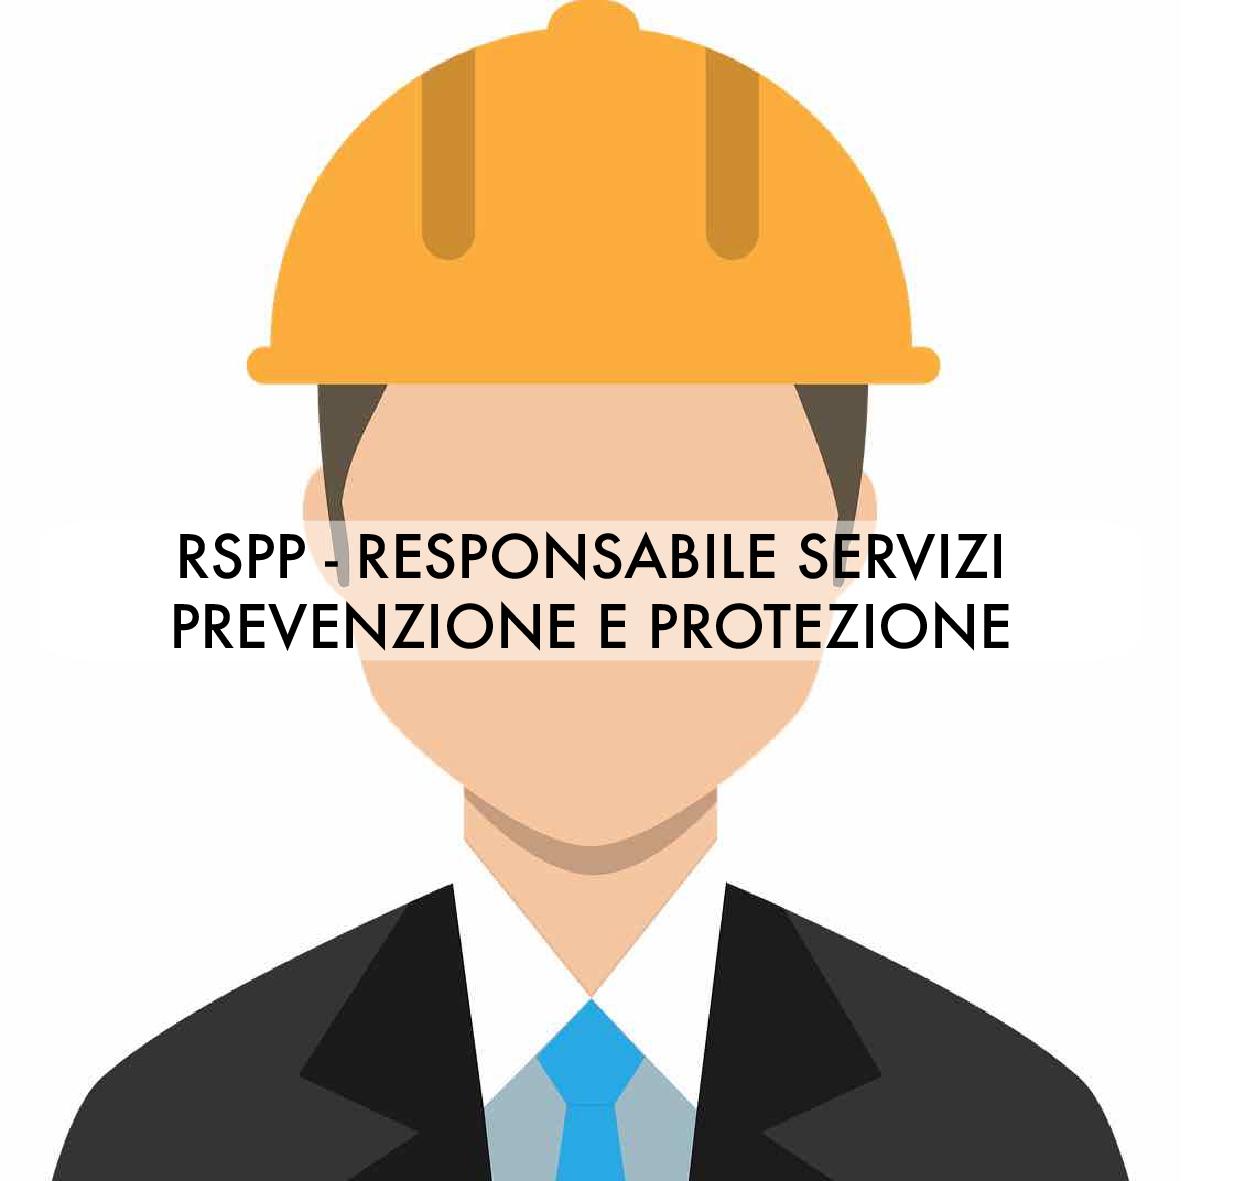 VRS RSPP Responsabile Servizi Prevenzione e Protezione